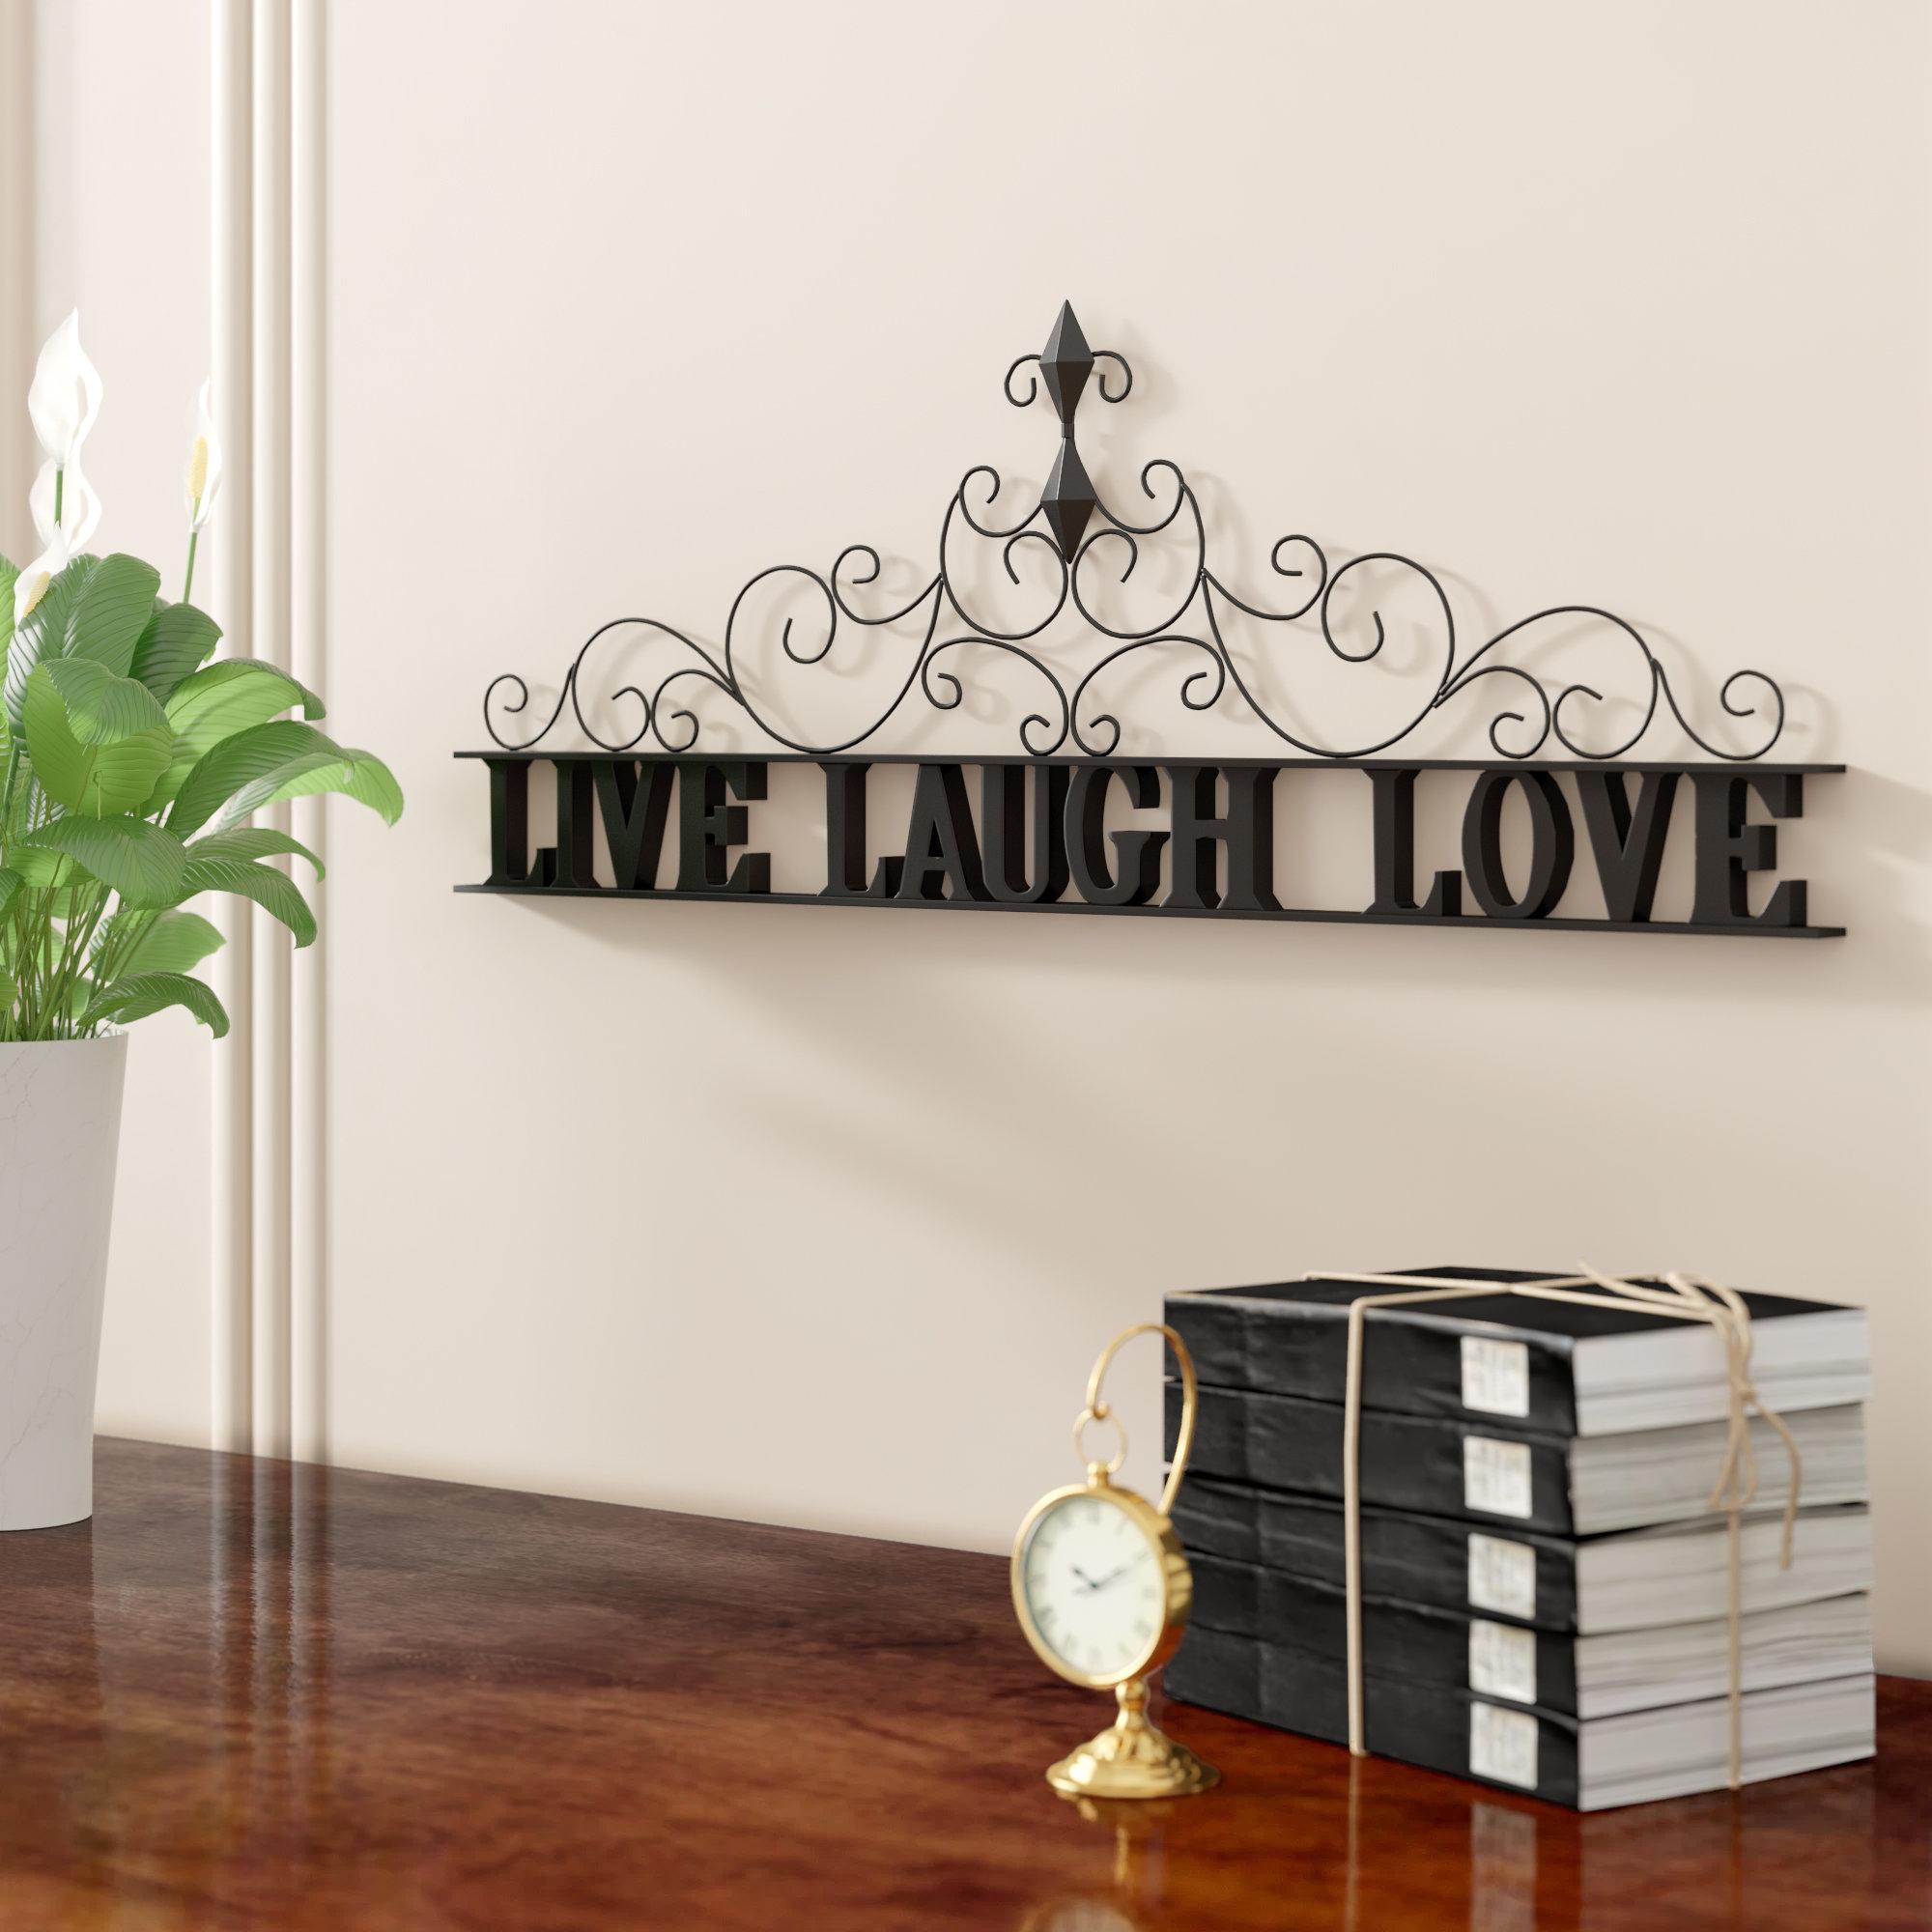 Live Laugh Love Decor | Wayfair (View 20 of 30)